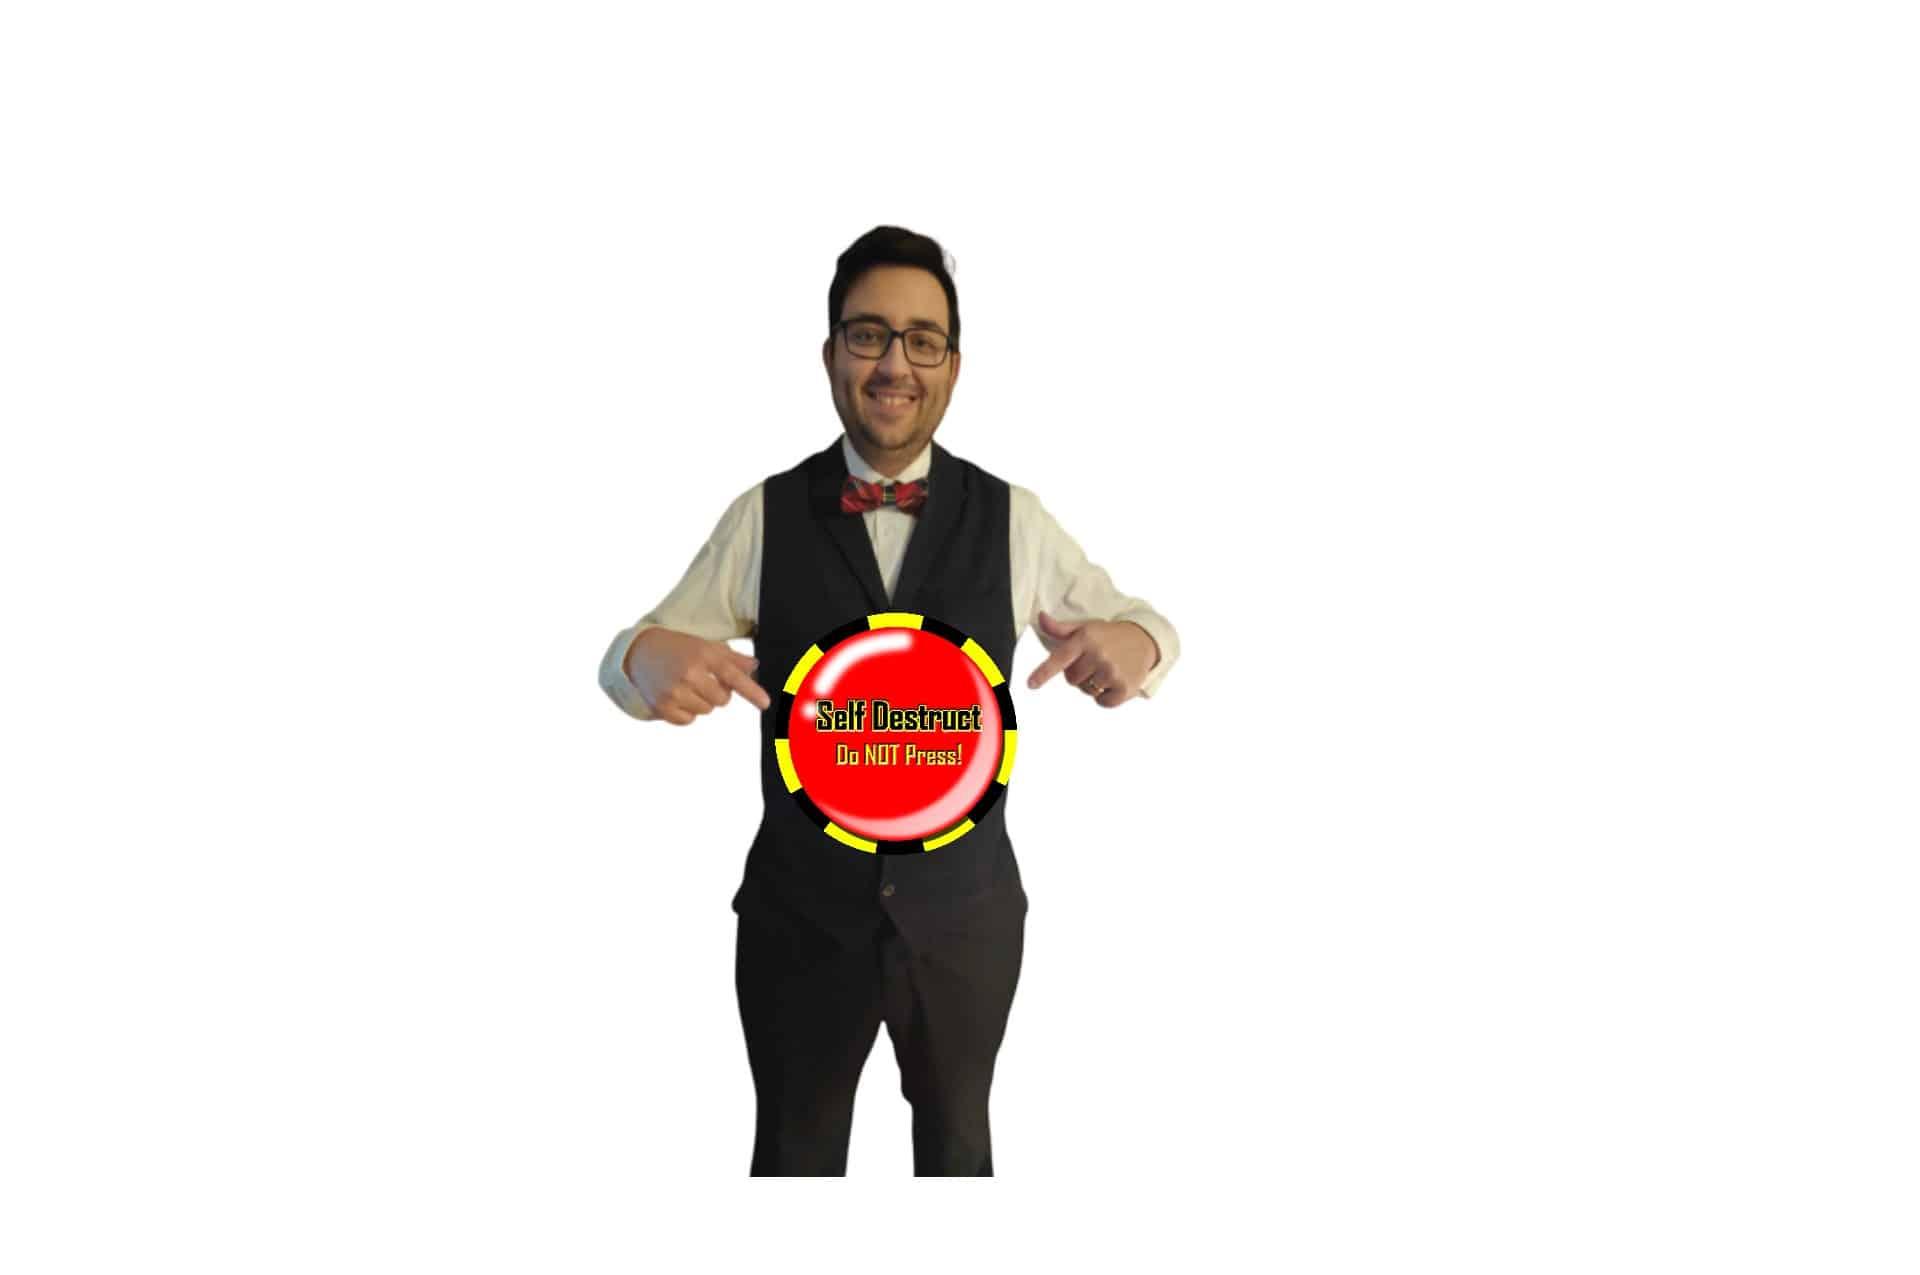 """Professor M com um botão com """"Self destruct do not press"""" escrito, serve como imagem de sobreposição do vídeo da página sobre mim"""